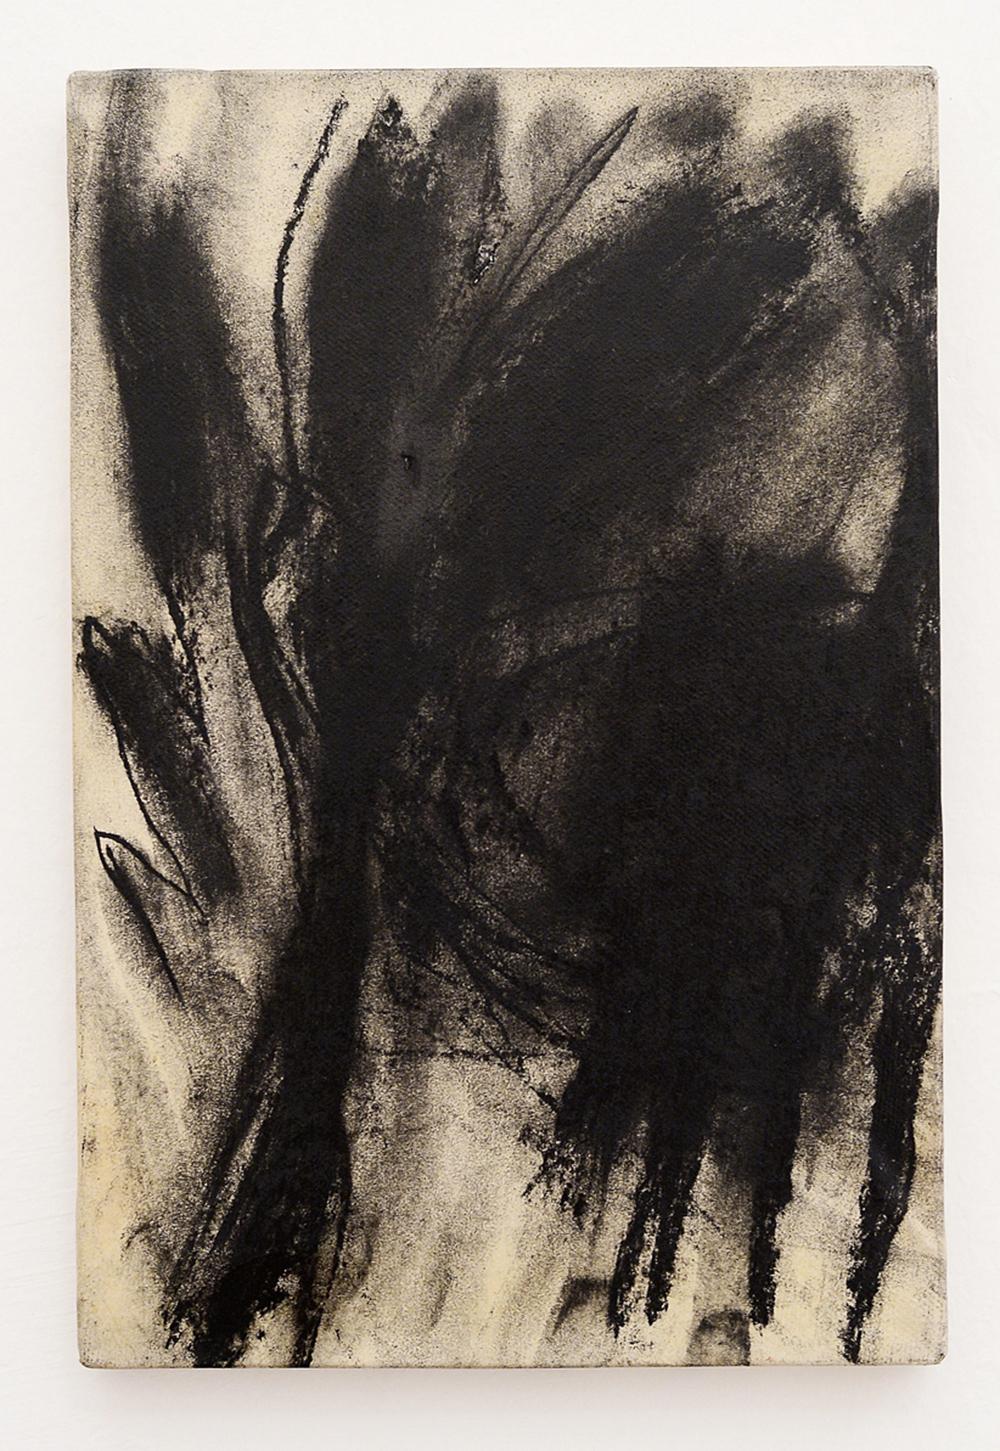 Ritratto amico, 1984, tecnica mista su carta intelata, cm 30x20